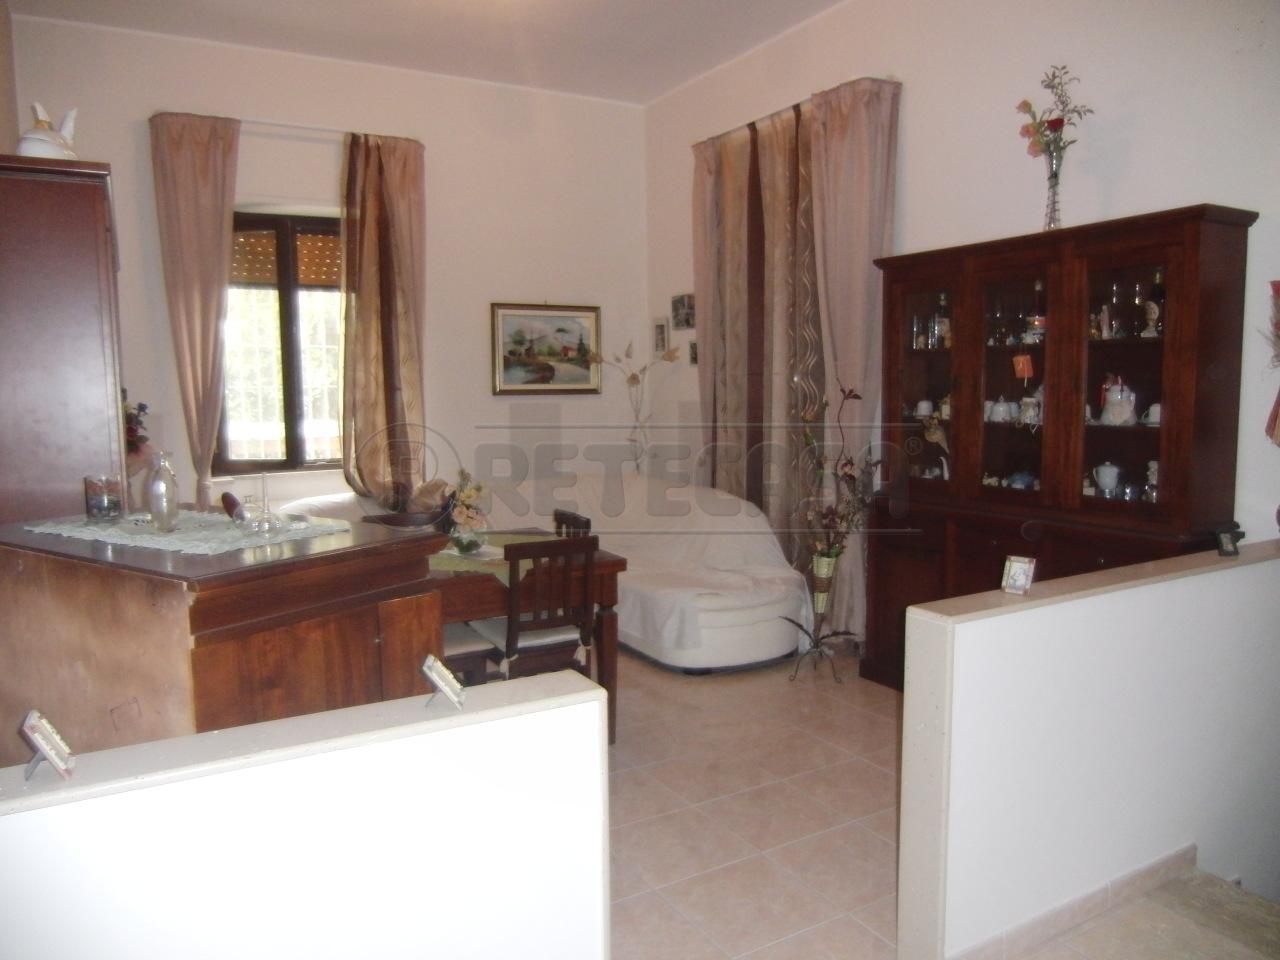 Villa in vendita a Siracusa, 6 locali, prezzo € 175.000 | Cambio Casa.it